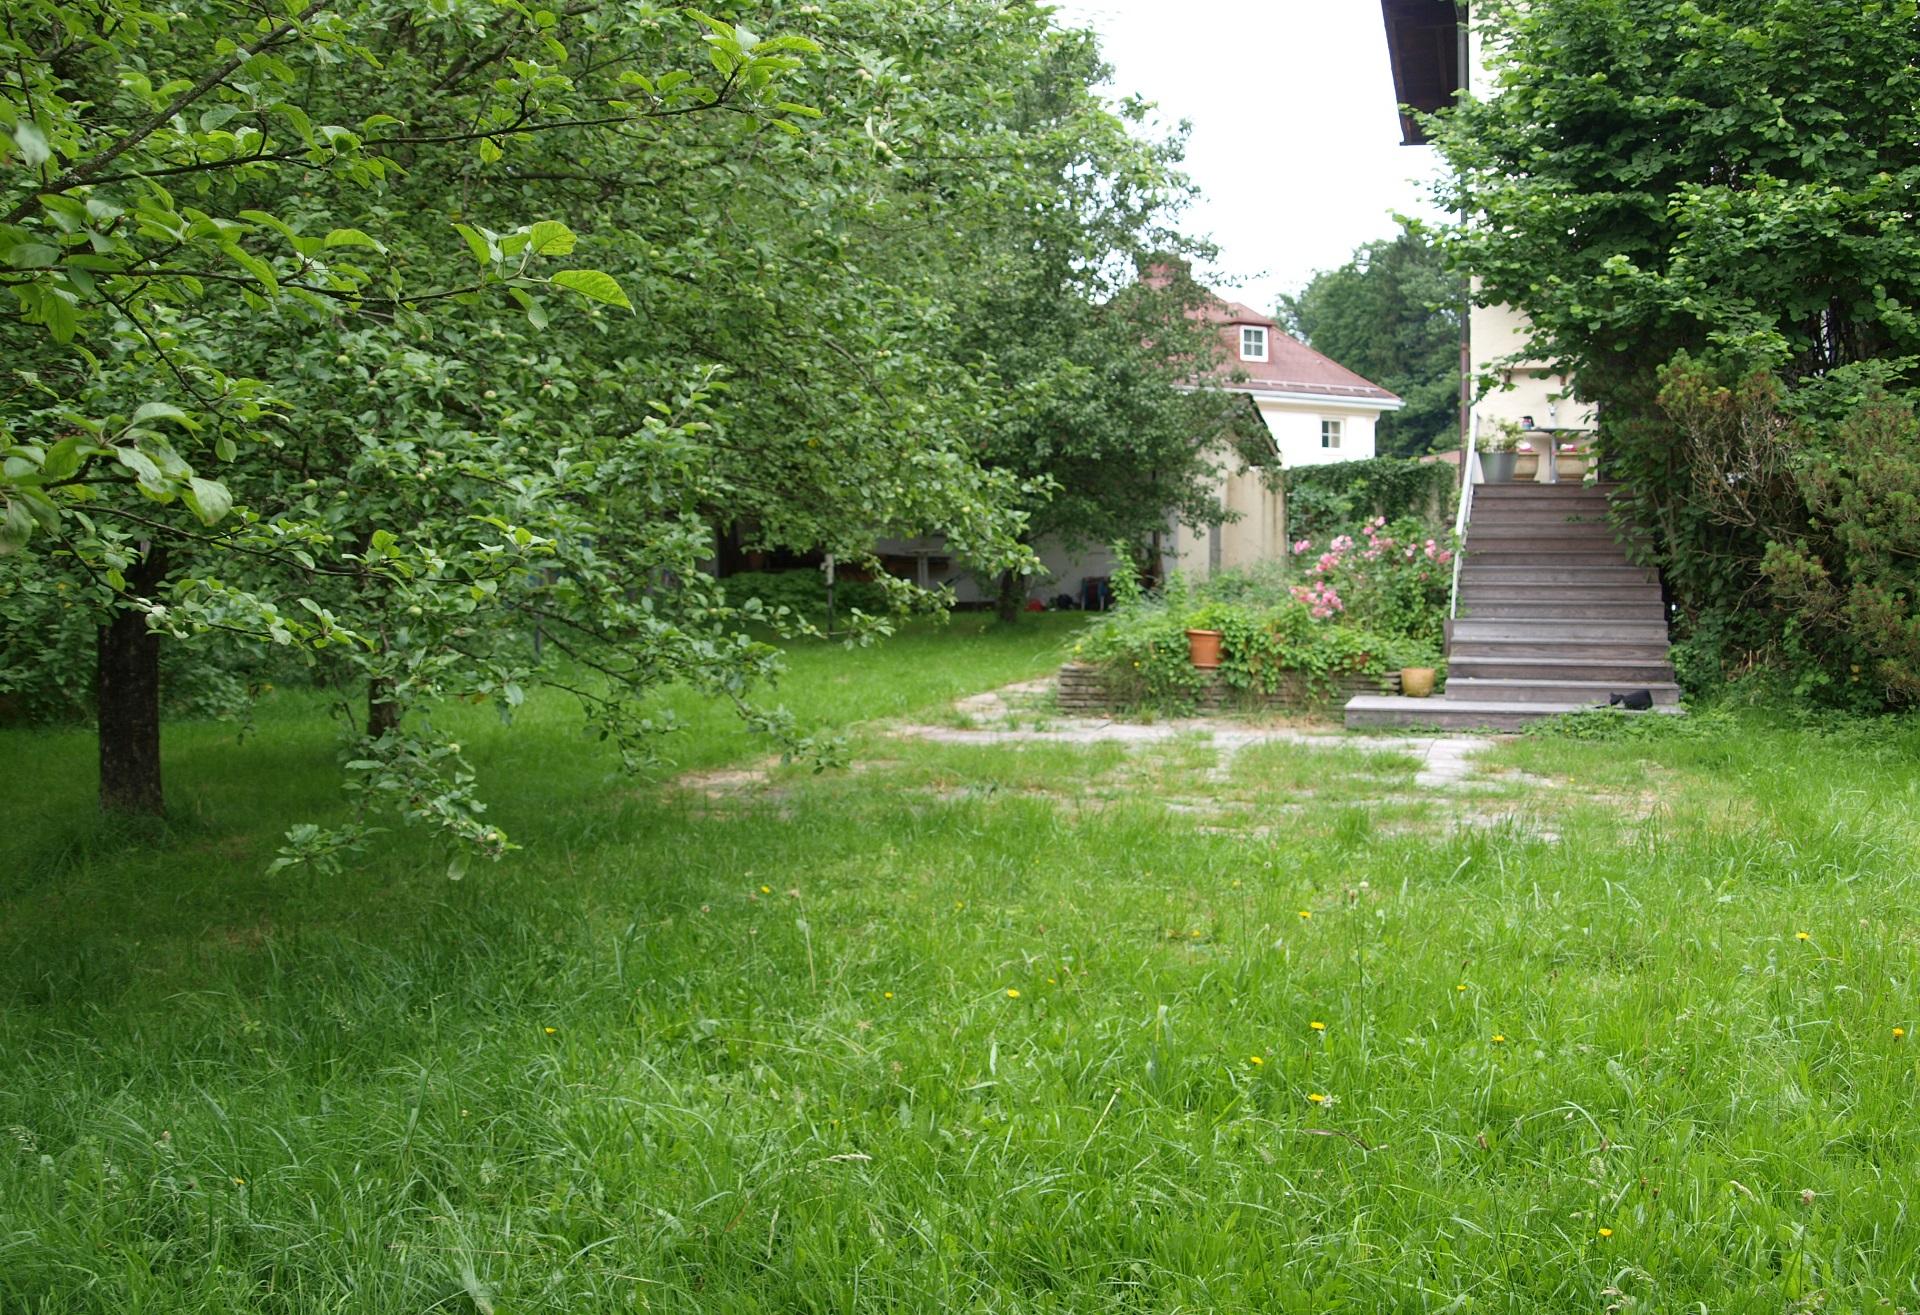 SALZBURG-AIGEN: Außergewöhnliches Baugrundstück mit Bestand in sehr ruhiger Lage